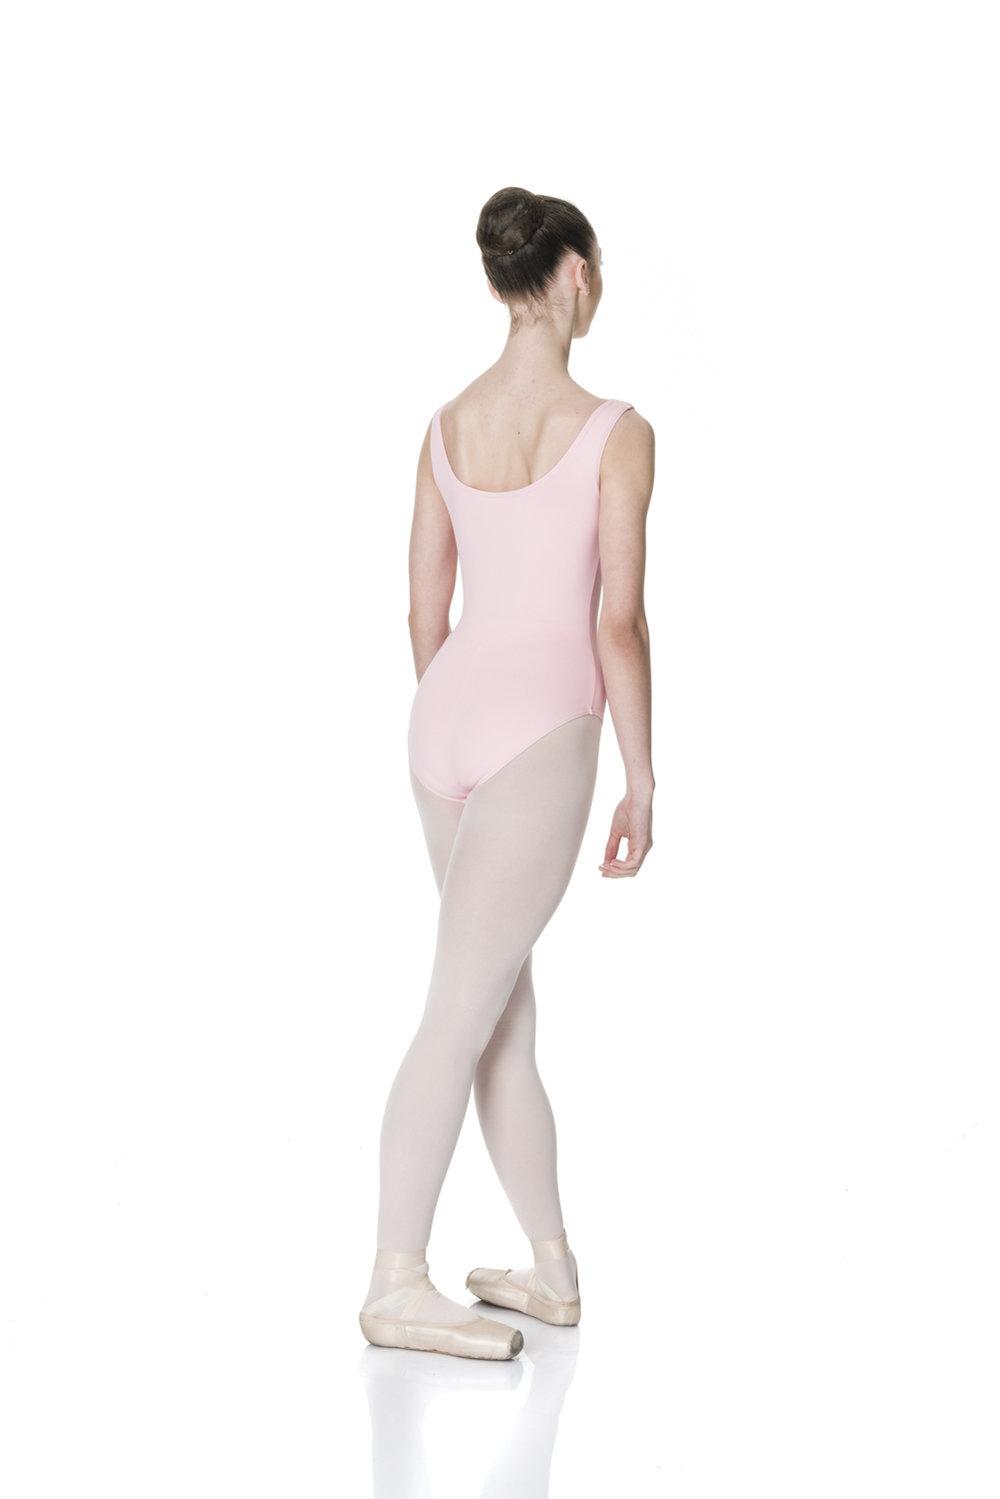 fe4808b86 Studio 7 Thick Strap Leotard Child — Flight Dance Supplies